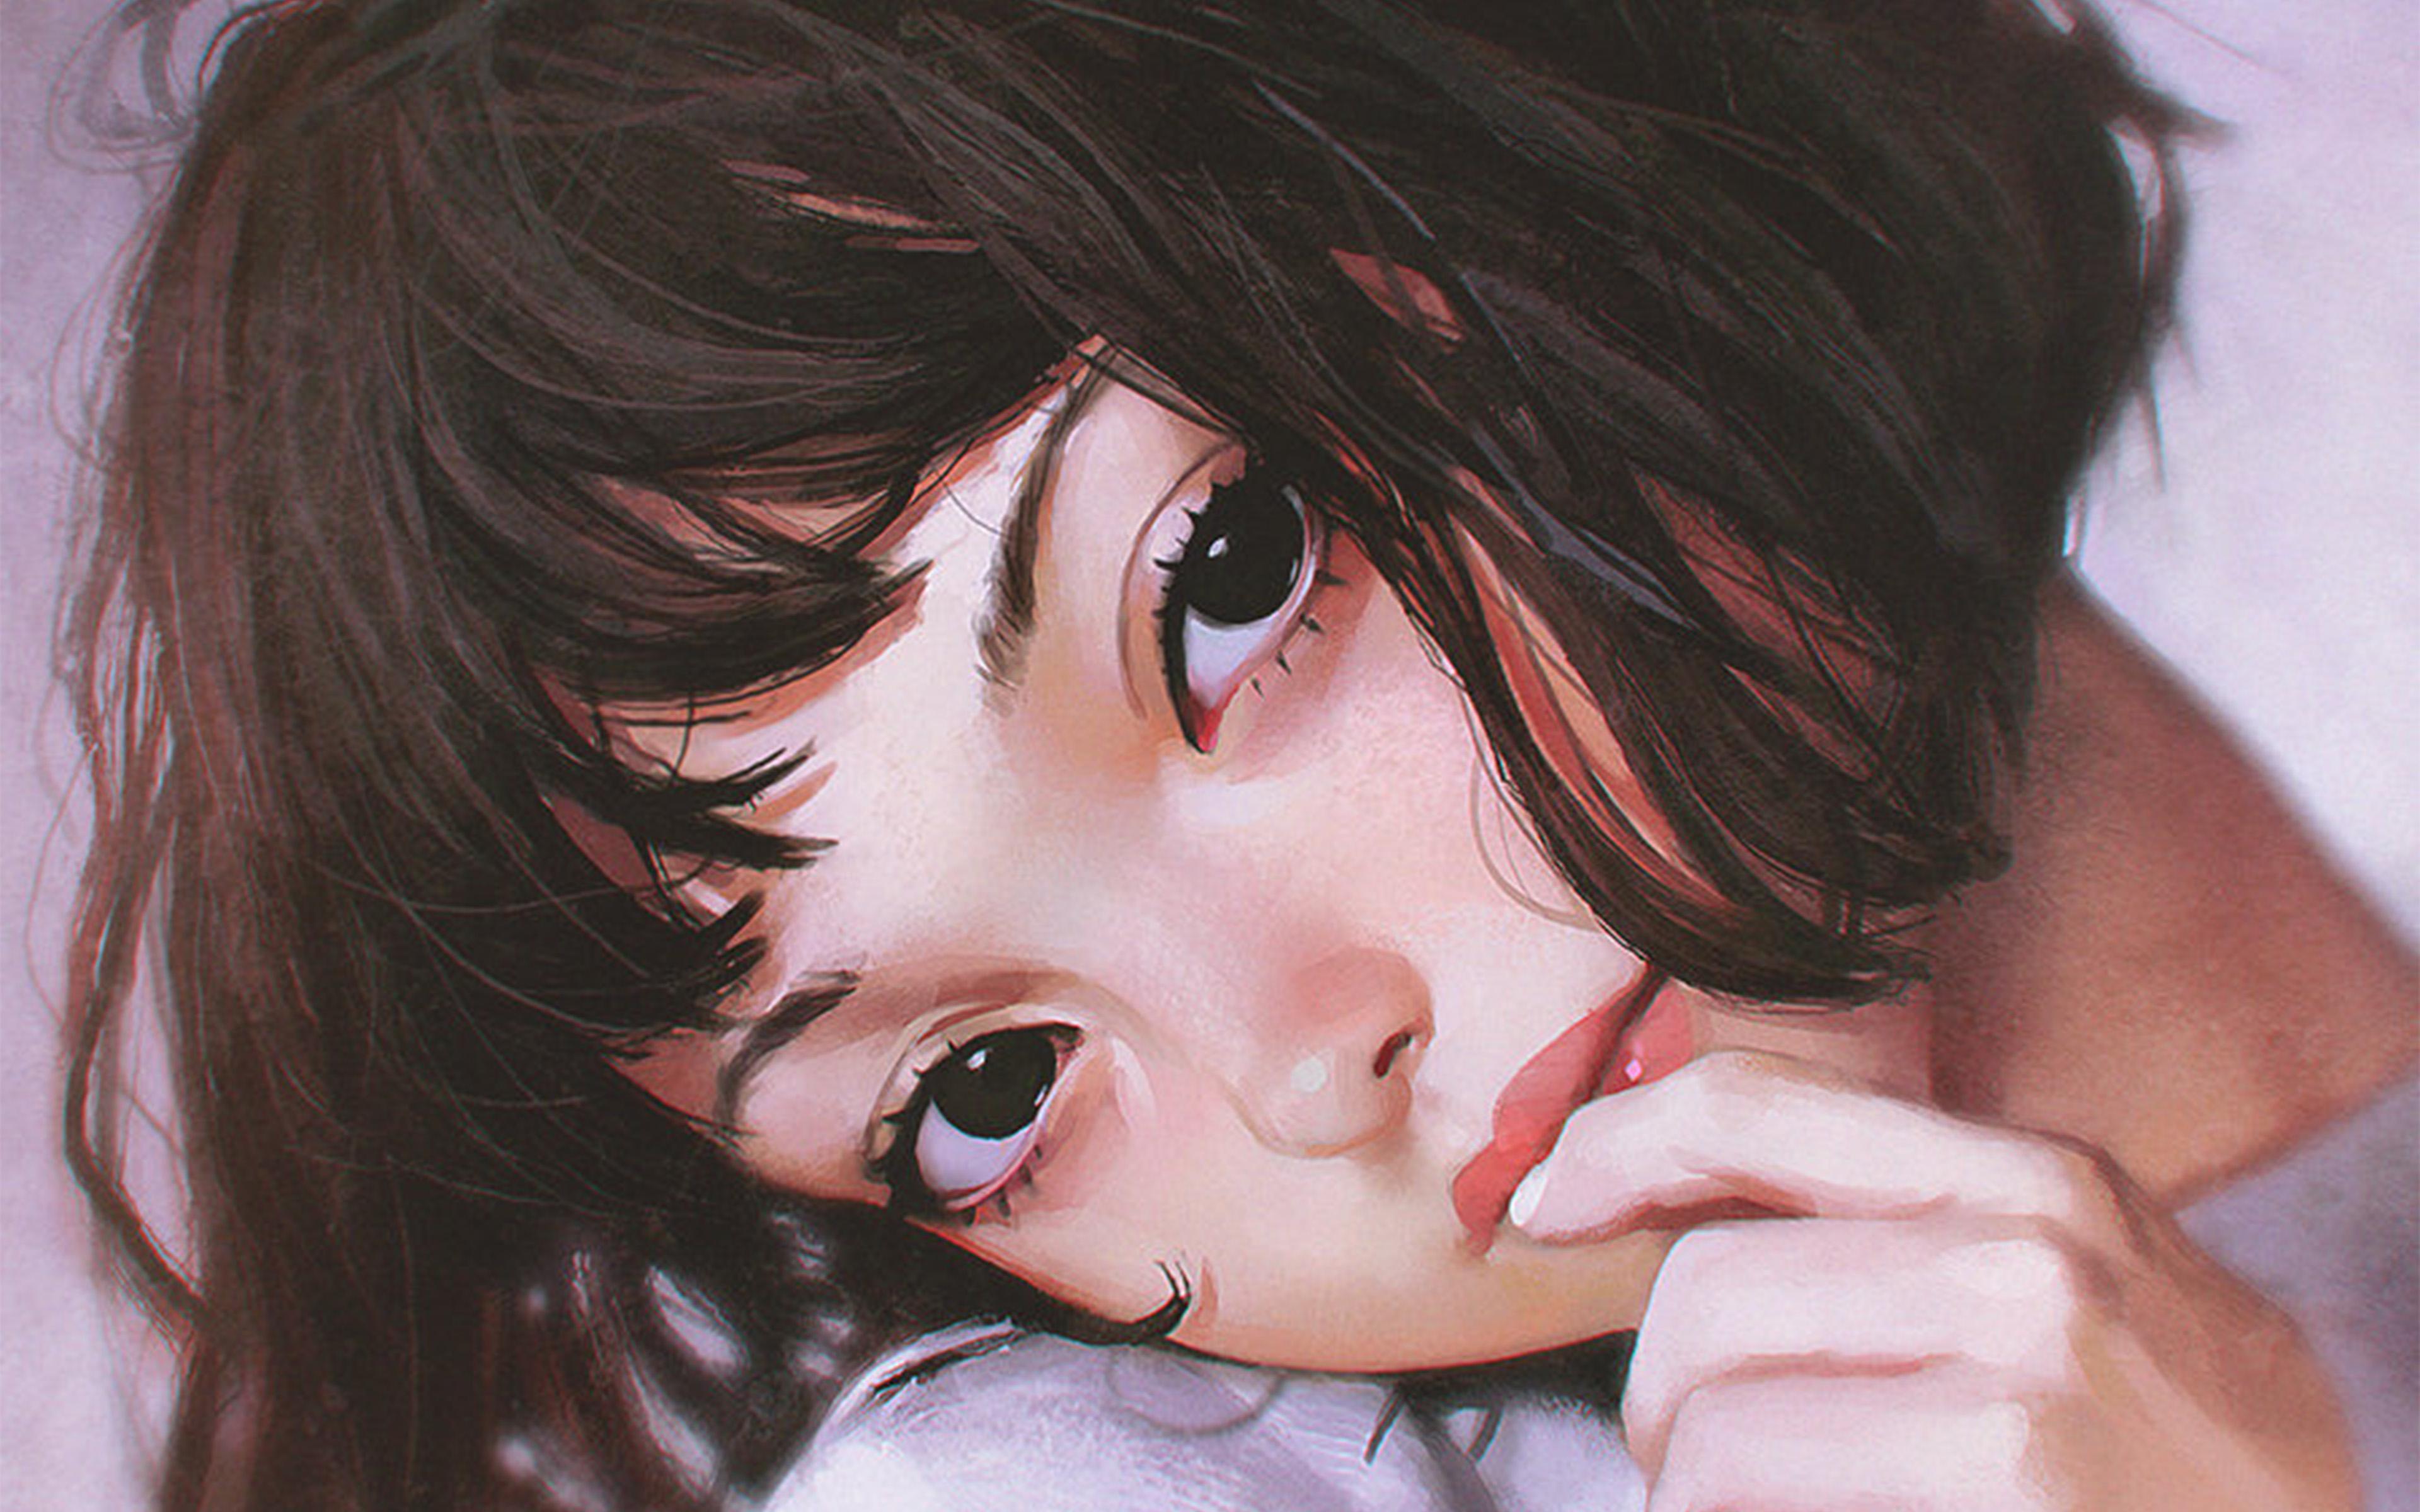 bf31-ilya-face-anime-girl-art-wallpaper